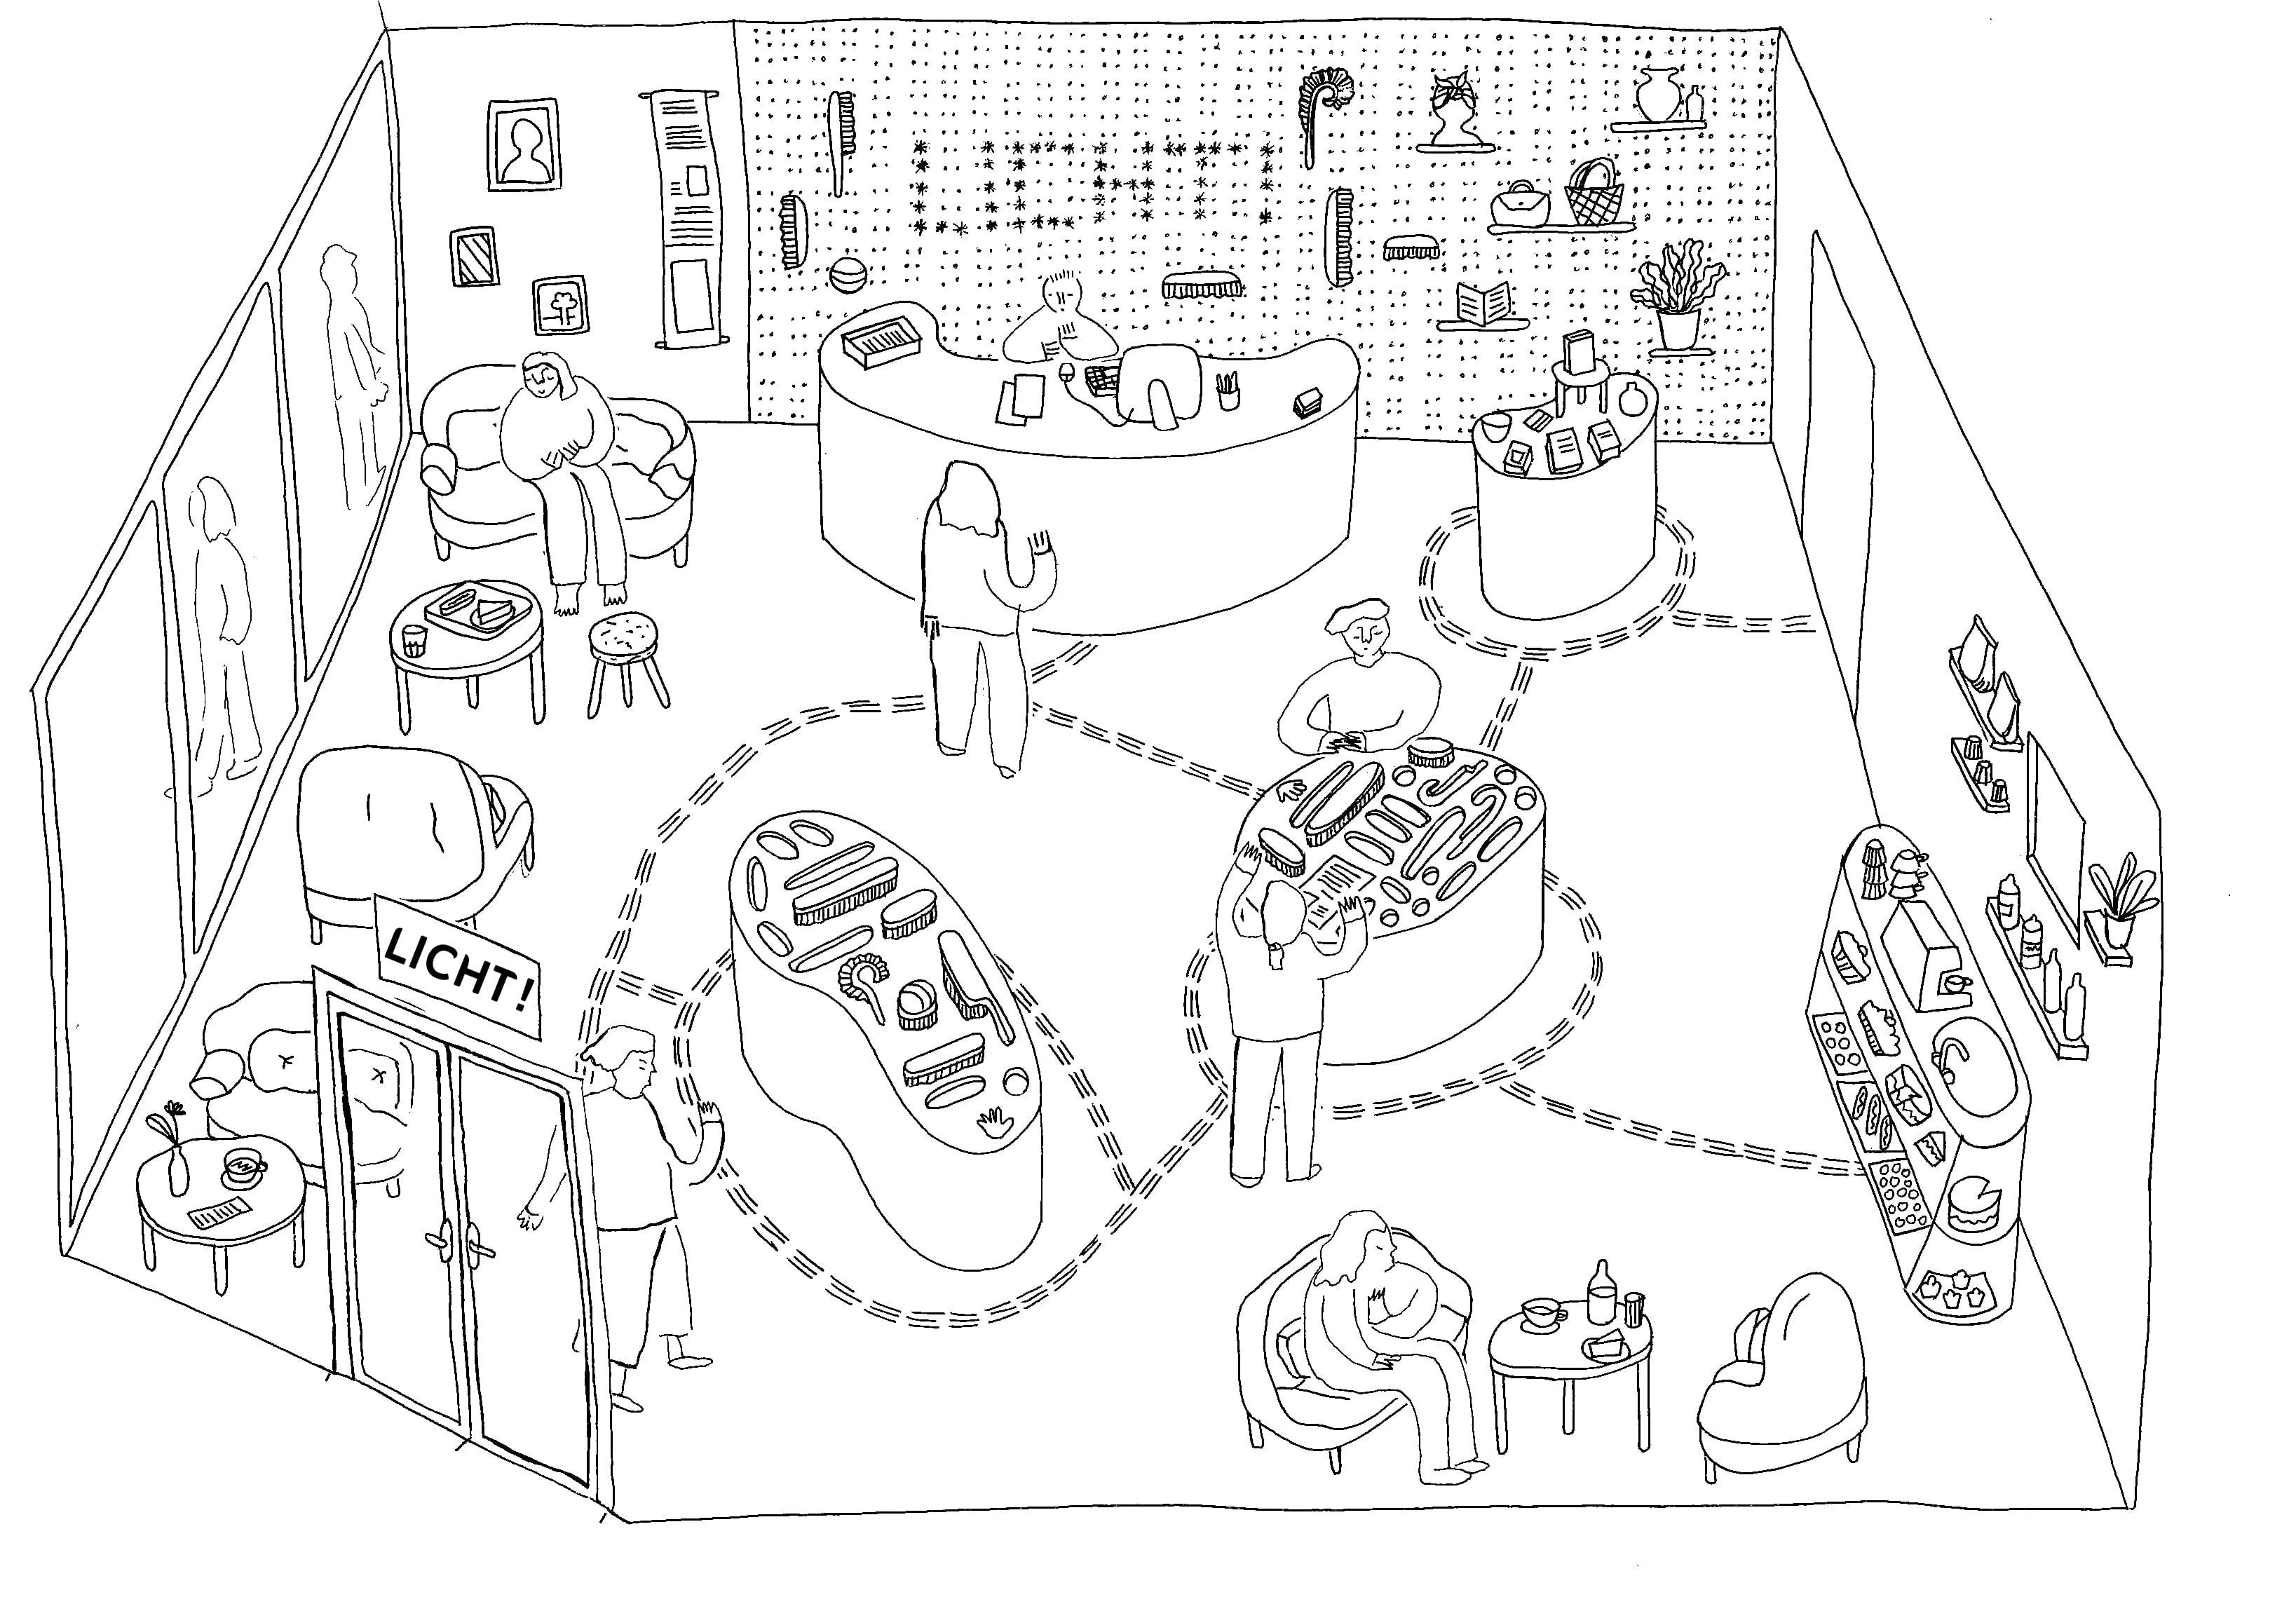 dessin-ambiance-cafe-boutique-le-licht